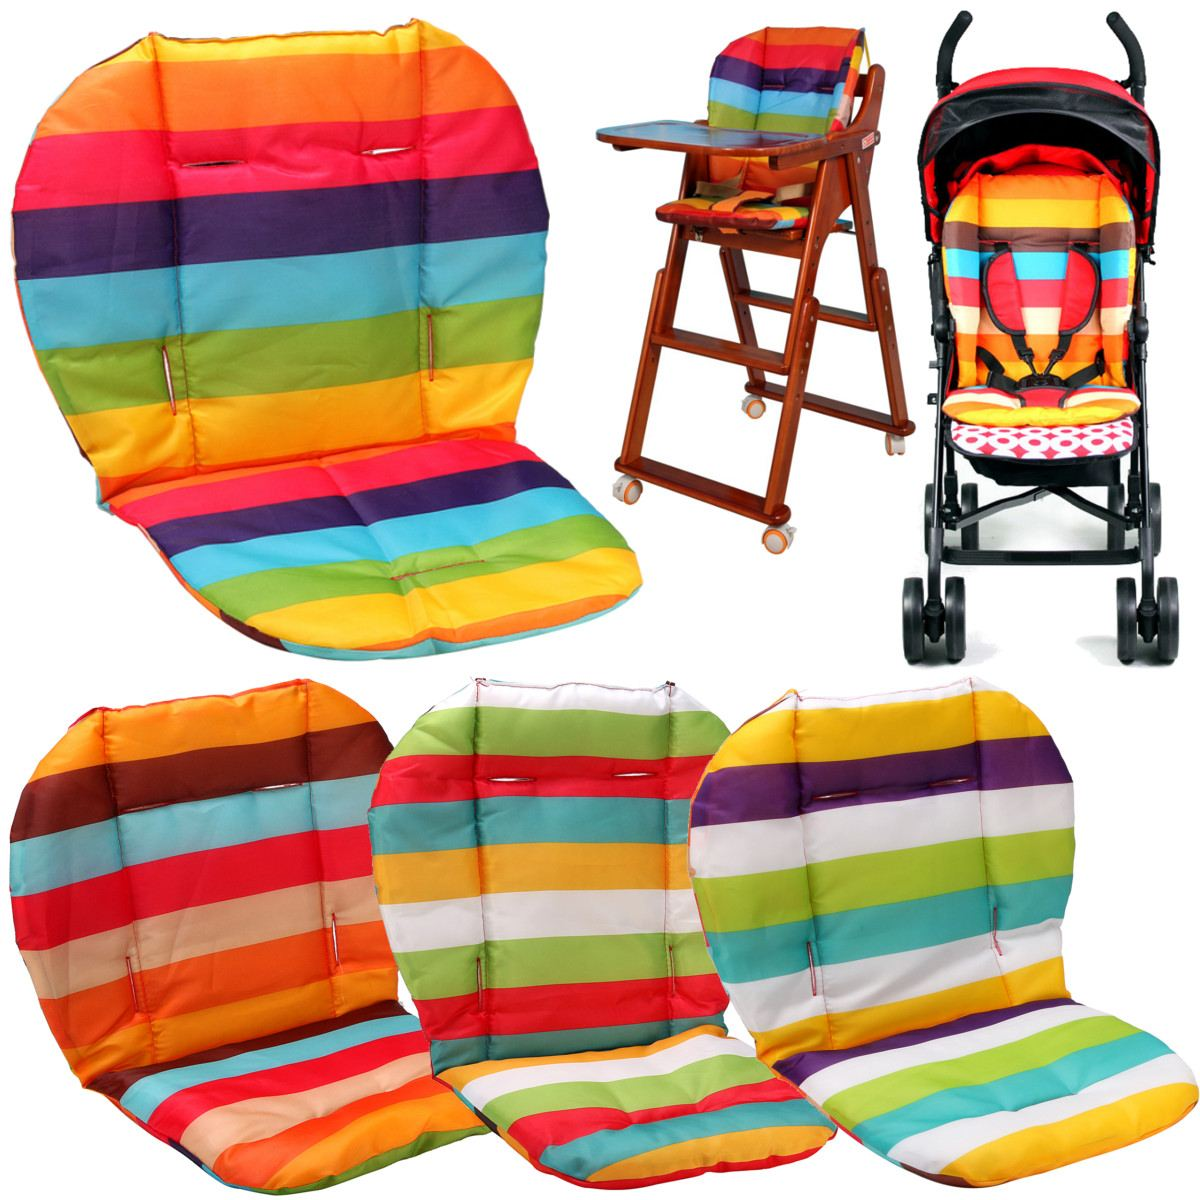 Almofada reforçada para cadeira infantil, almofada para cadeiras para alimentação, carrinho e esteira